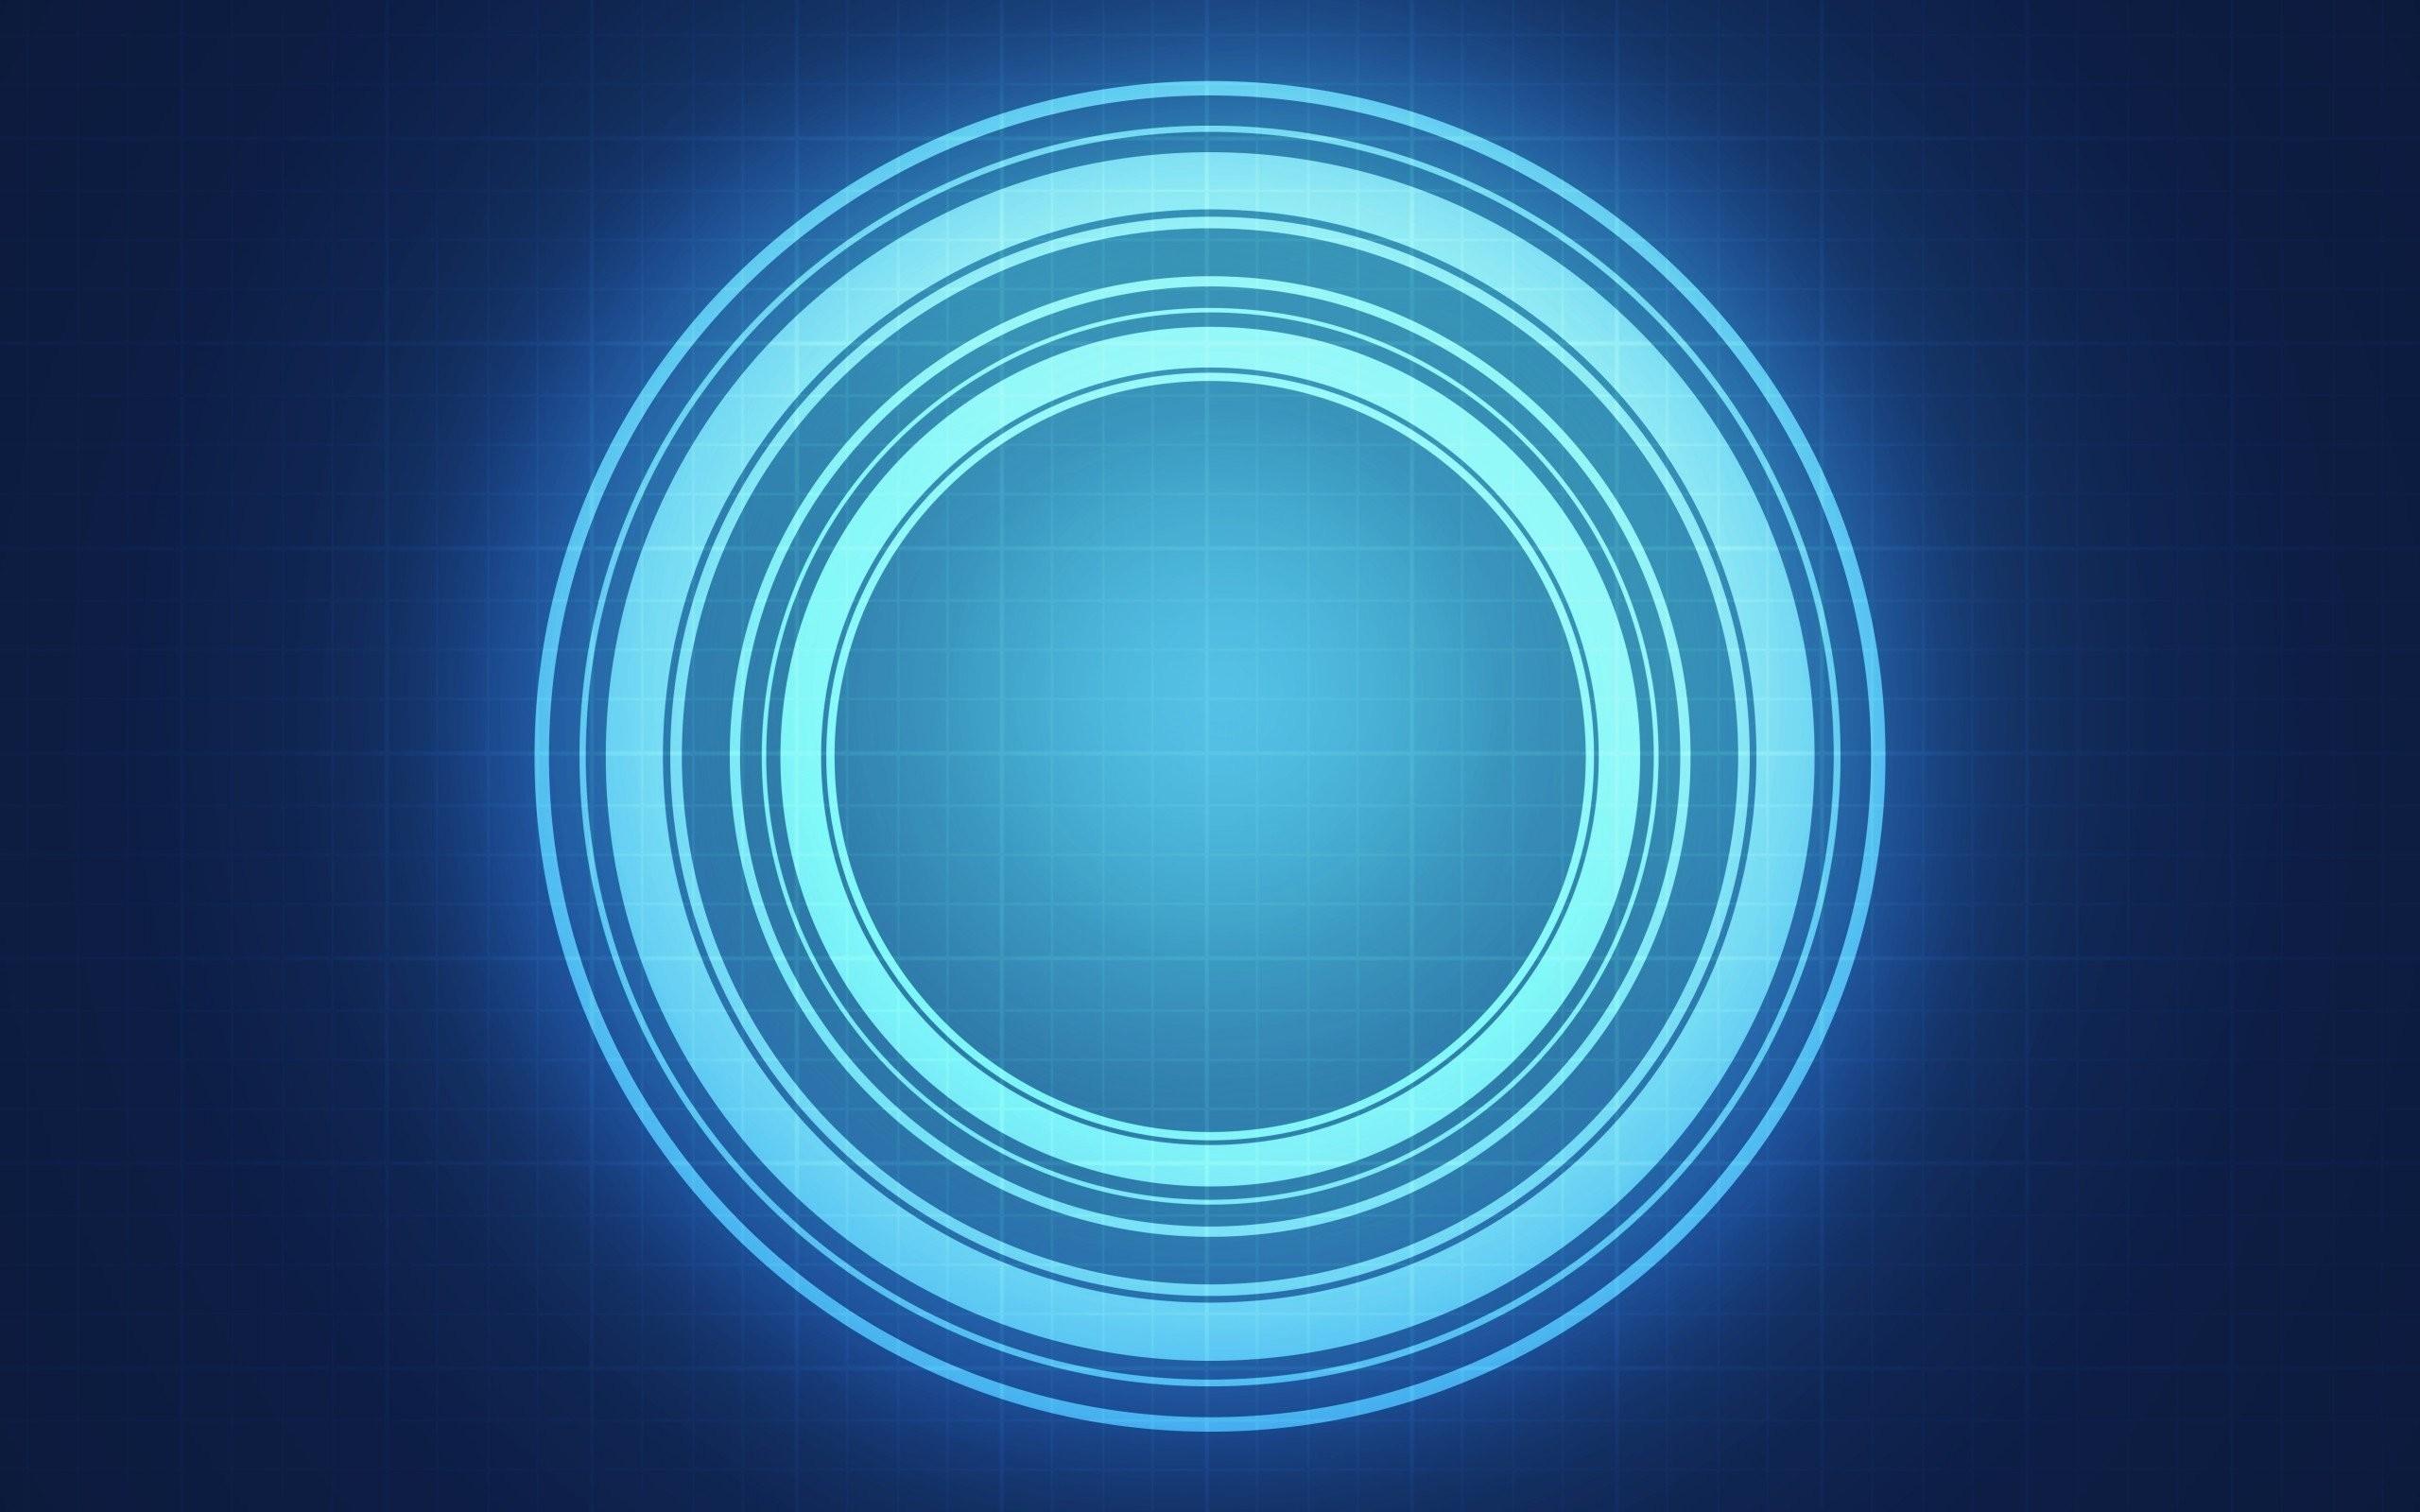 Abstract blue circle light wallpaper     454902   WallpaperUP